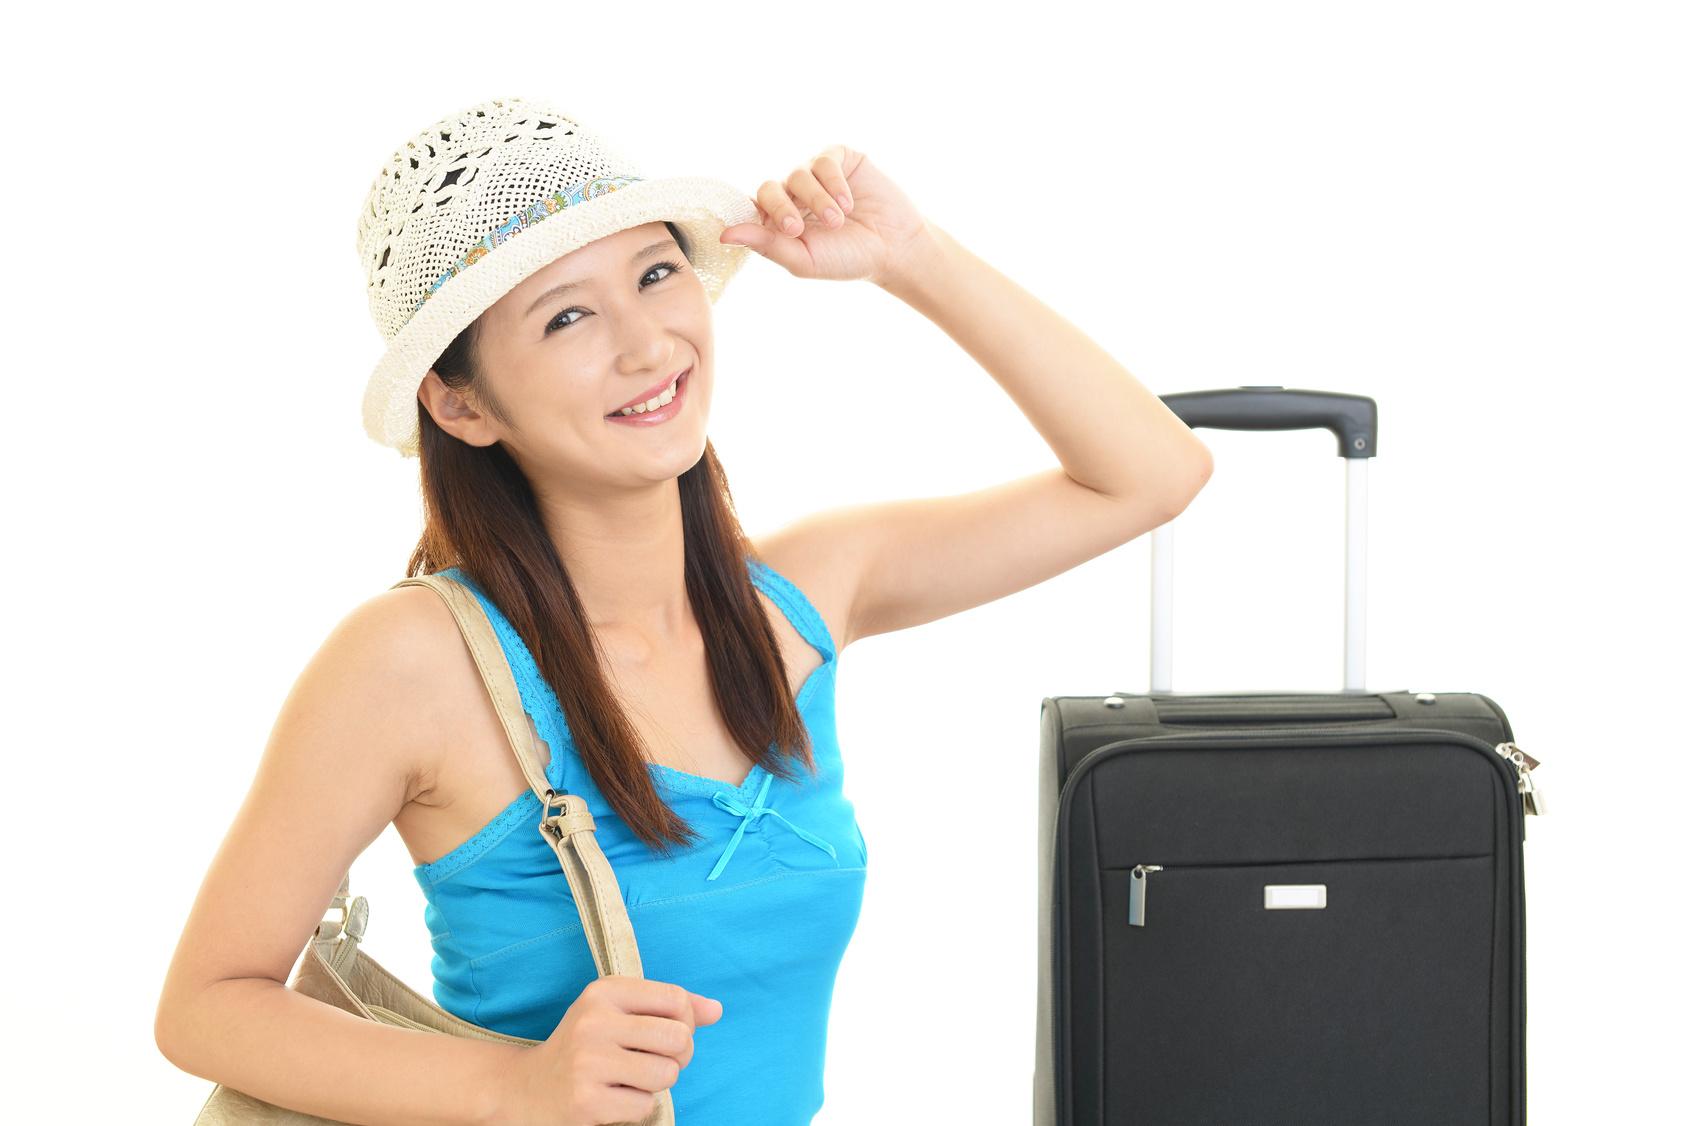 〇〇好きな女子には海外旅行がおすすめ!